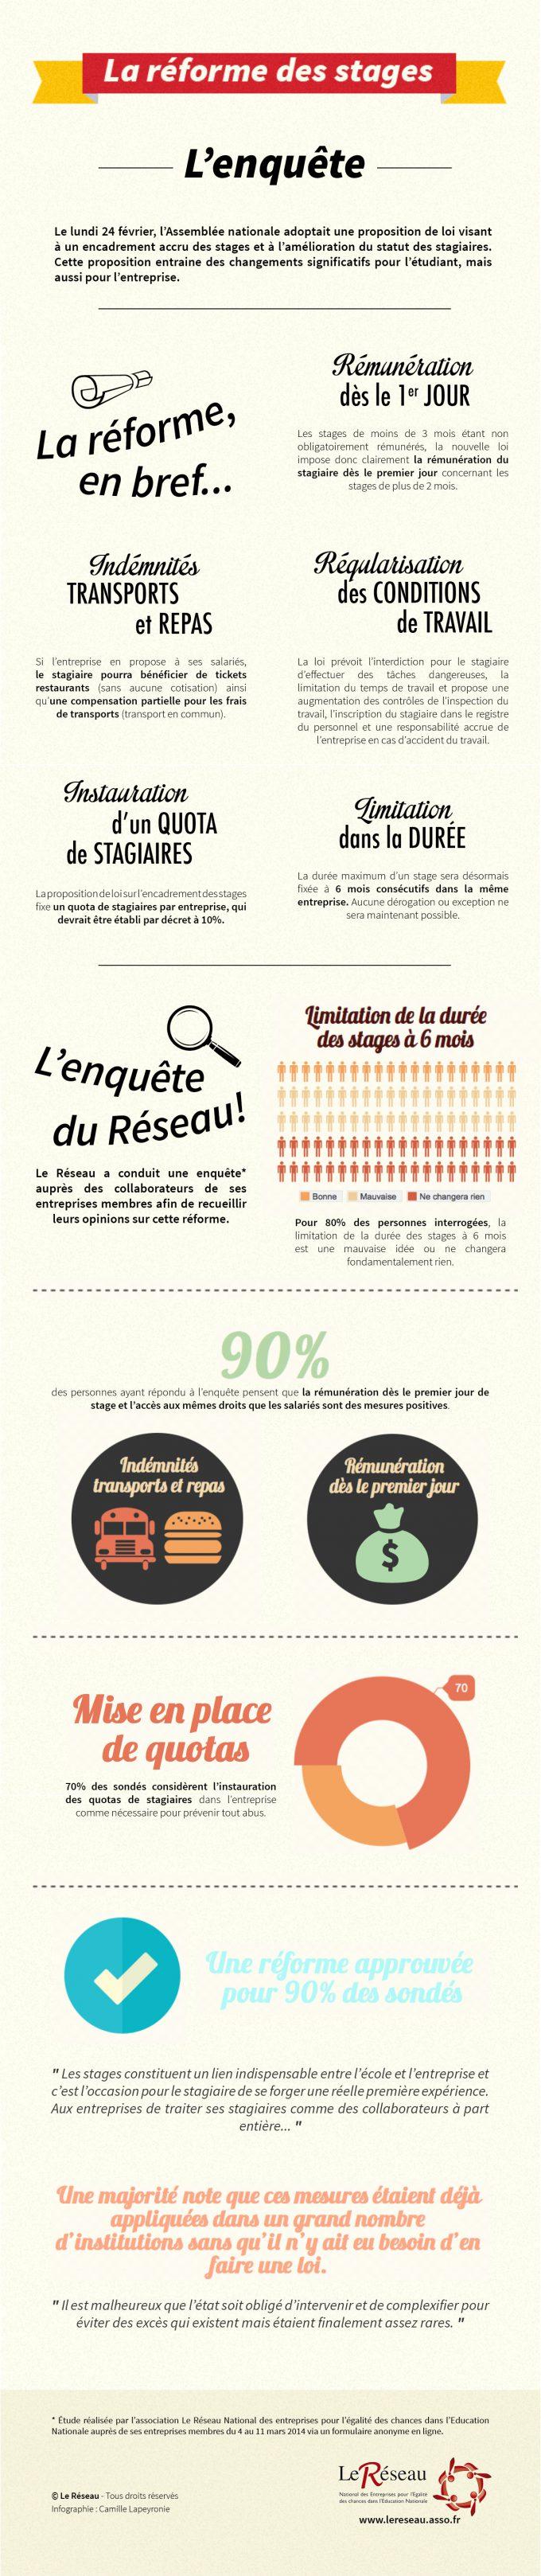 Infographie - La réforme des stages